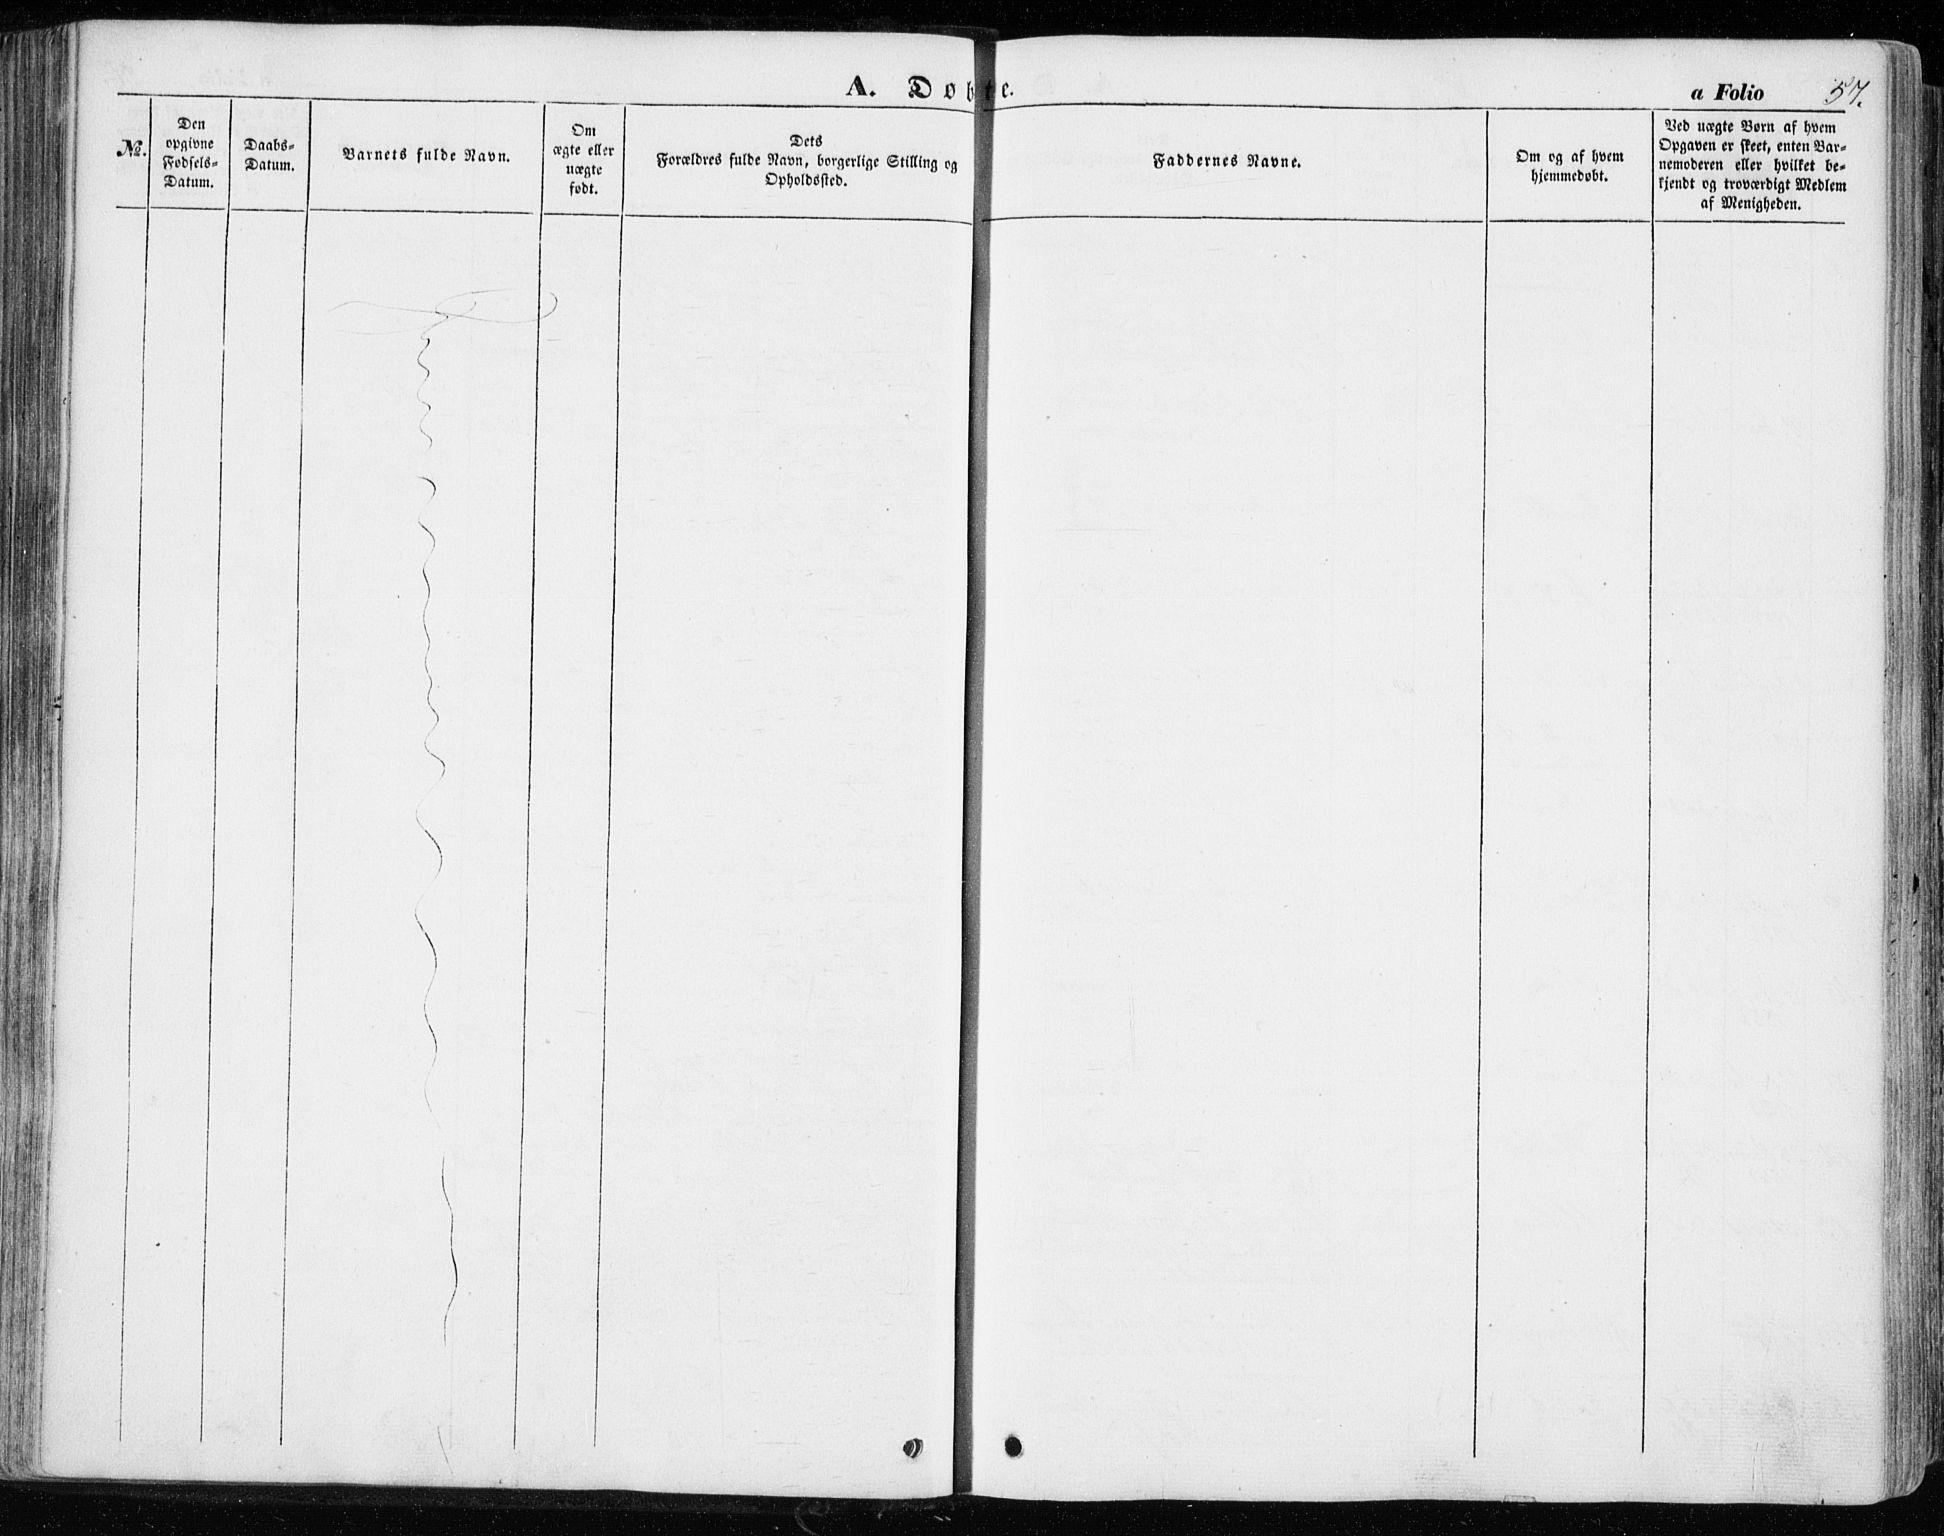 SAT, Ministerialprotokoller, klokkerbøker og fødselsregistre - Sør-Trøndelag, 646/L0611: Ministerialbok nr. 646A09, 1848-1857, s. 57